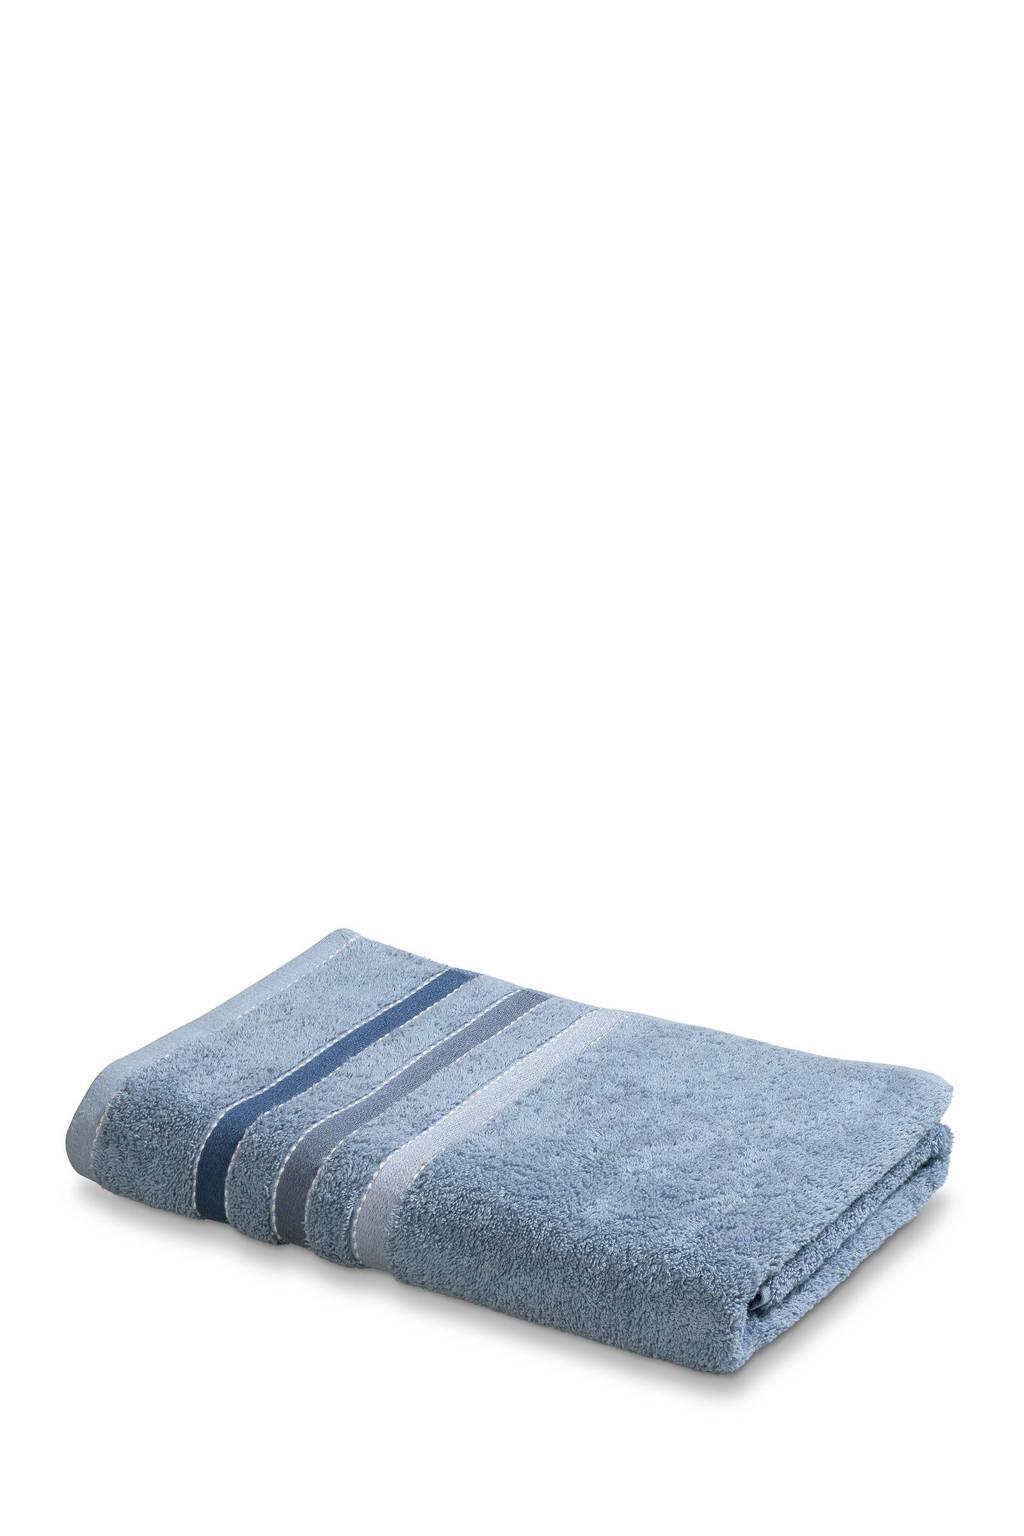 Vandyck badhanddoek (140 x 70 cm) Blauw